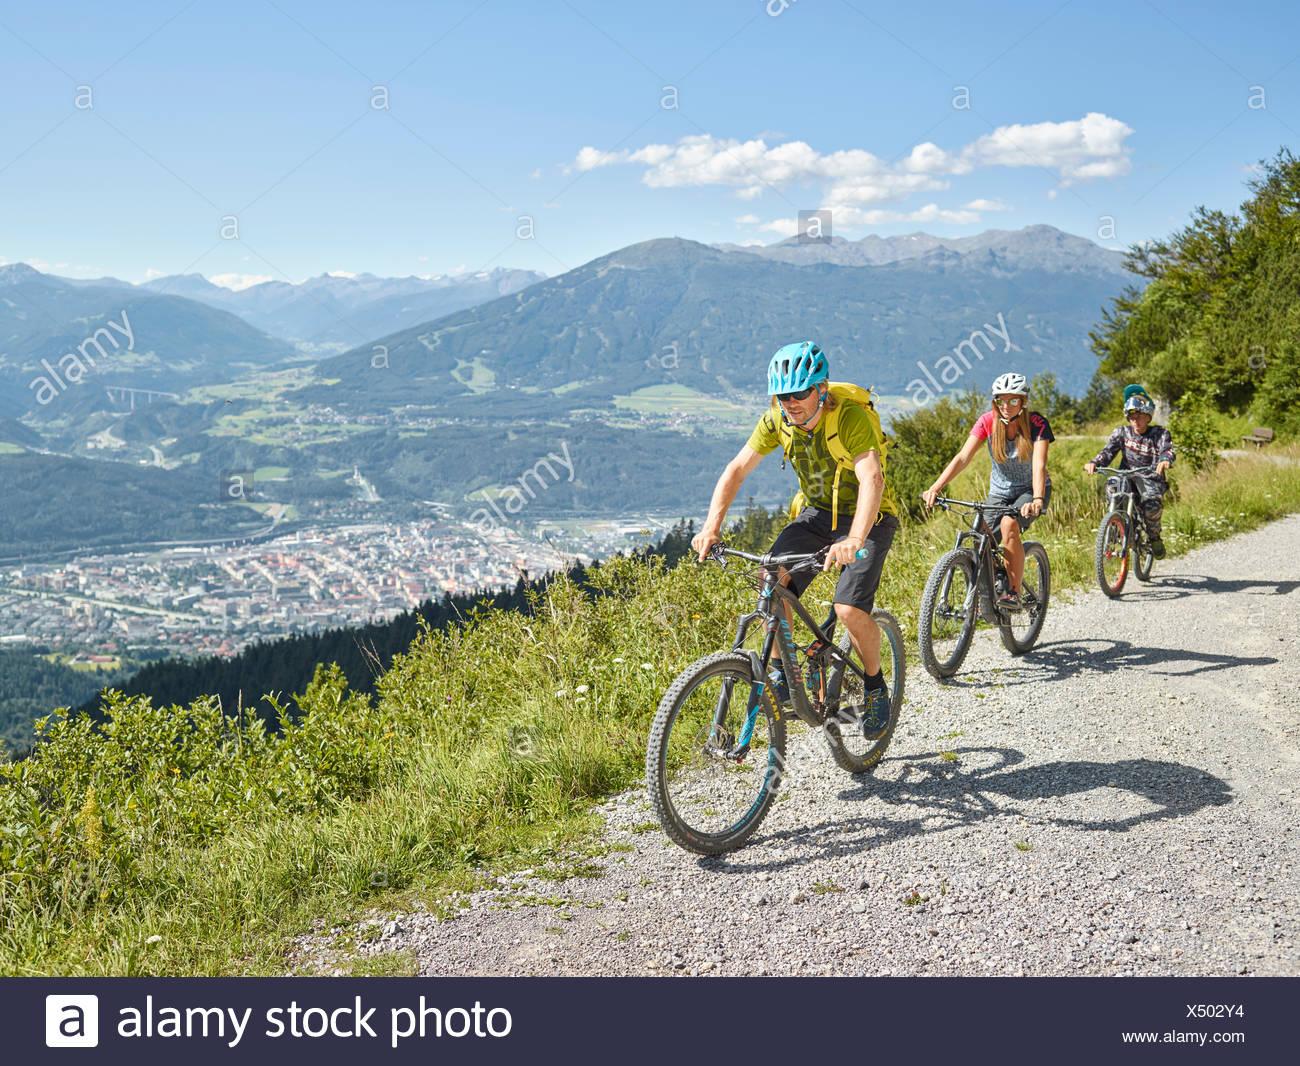 Familia en bicicletas de montaña, camino de tierra, Innsbruck detrás, Valle Inn, Tirol, Austria Imagen De Stock